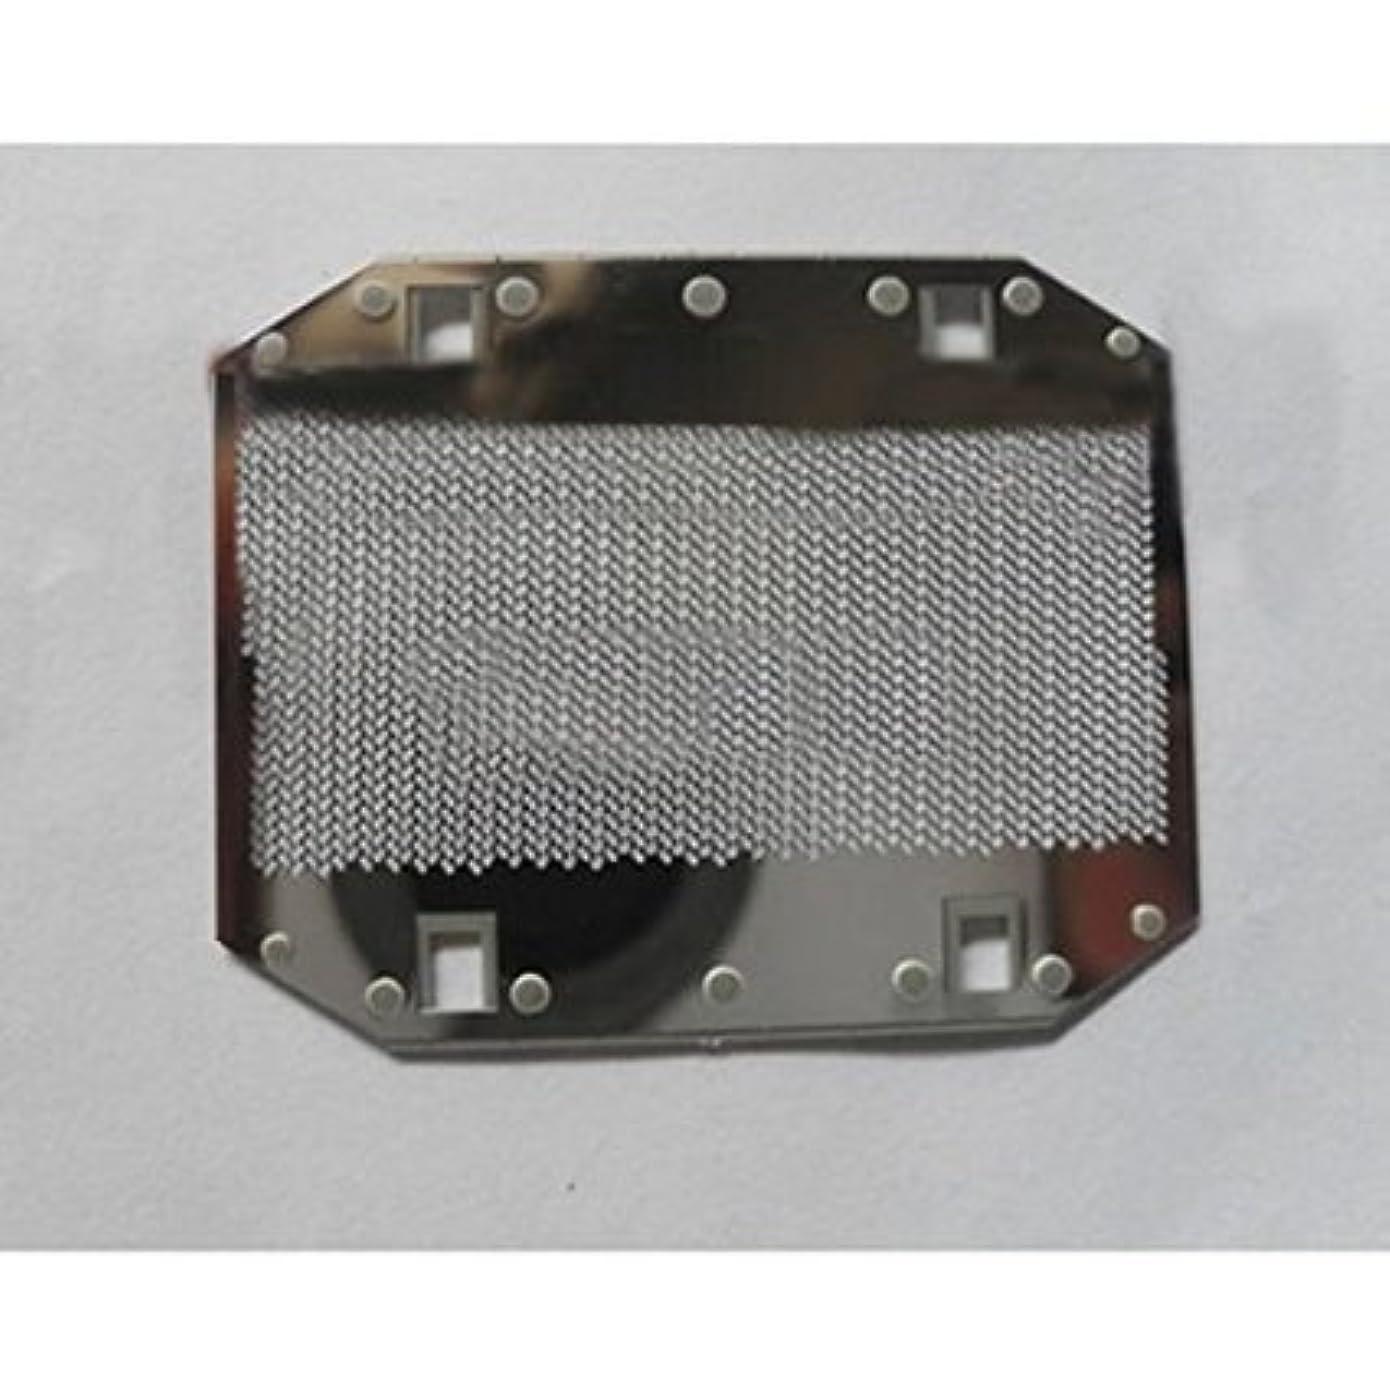 サリー記憶人種Linyuan 安定した品質 Shaver Outer Foil for ES3042 ES3831 ES-RC30 ES3801 ES9943C